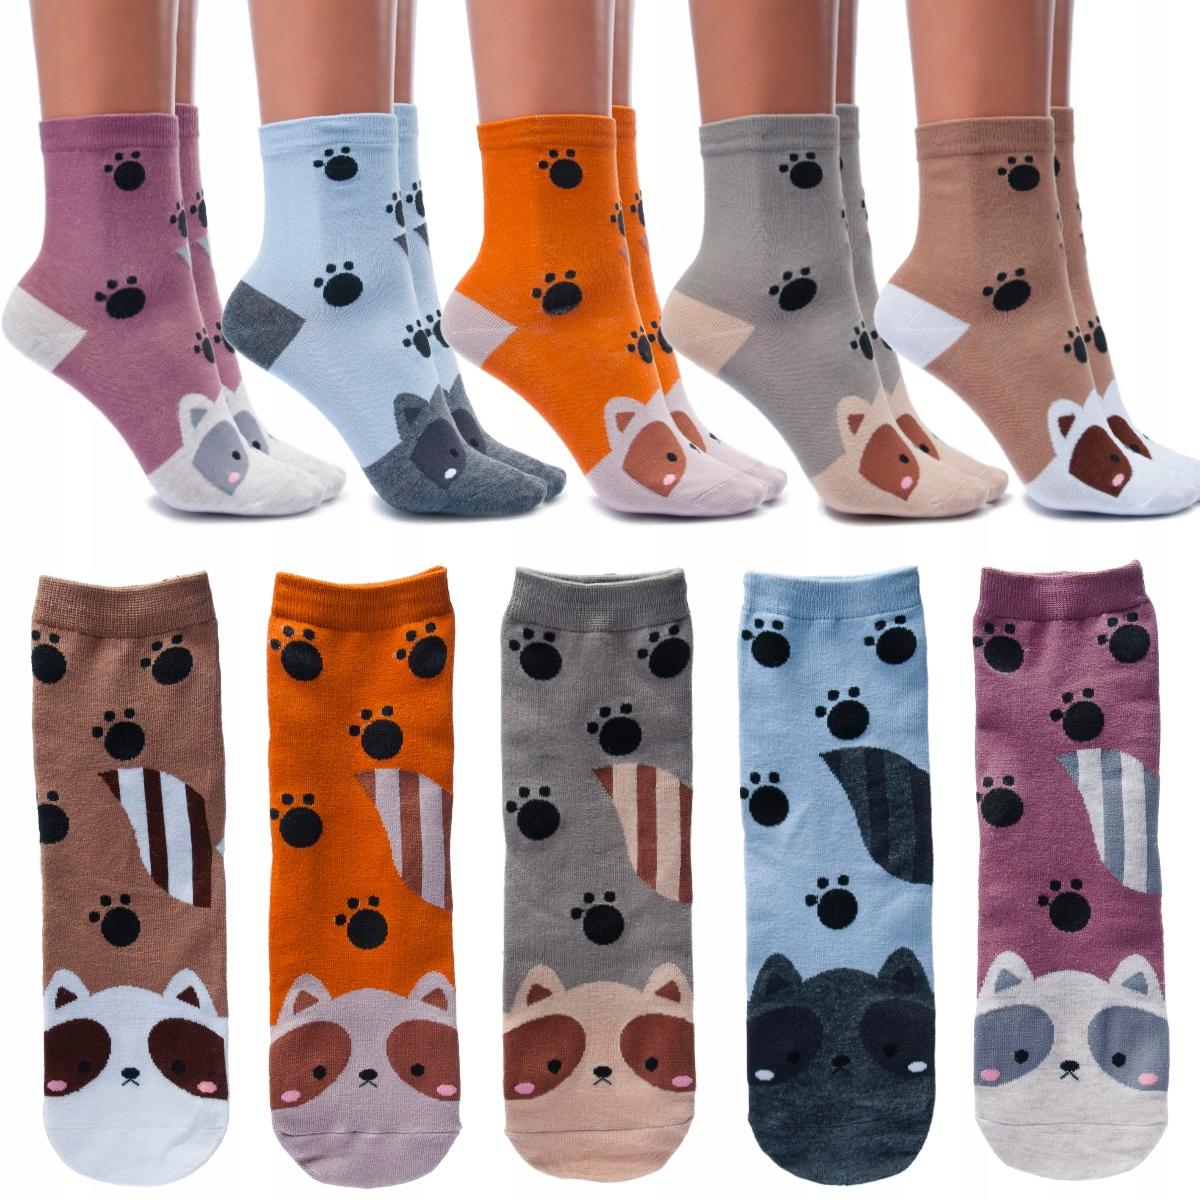 Bawełniane Damskie Skarpety Ciepłe Kolorowe Koty